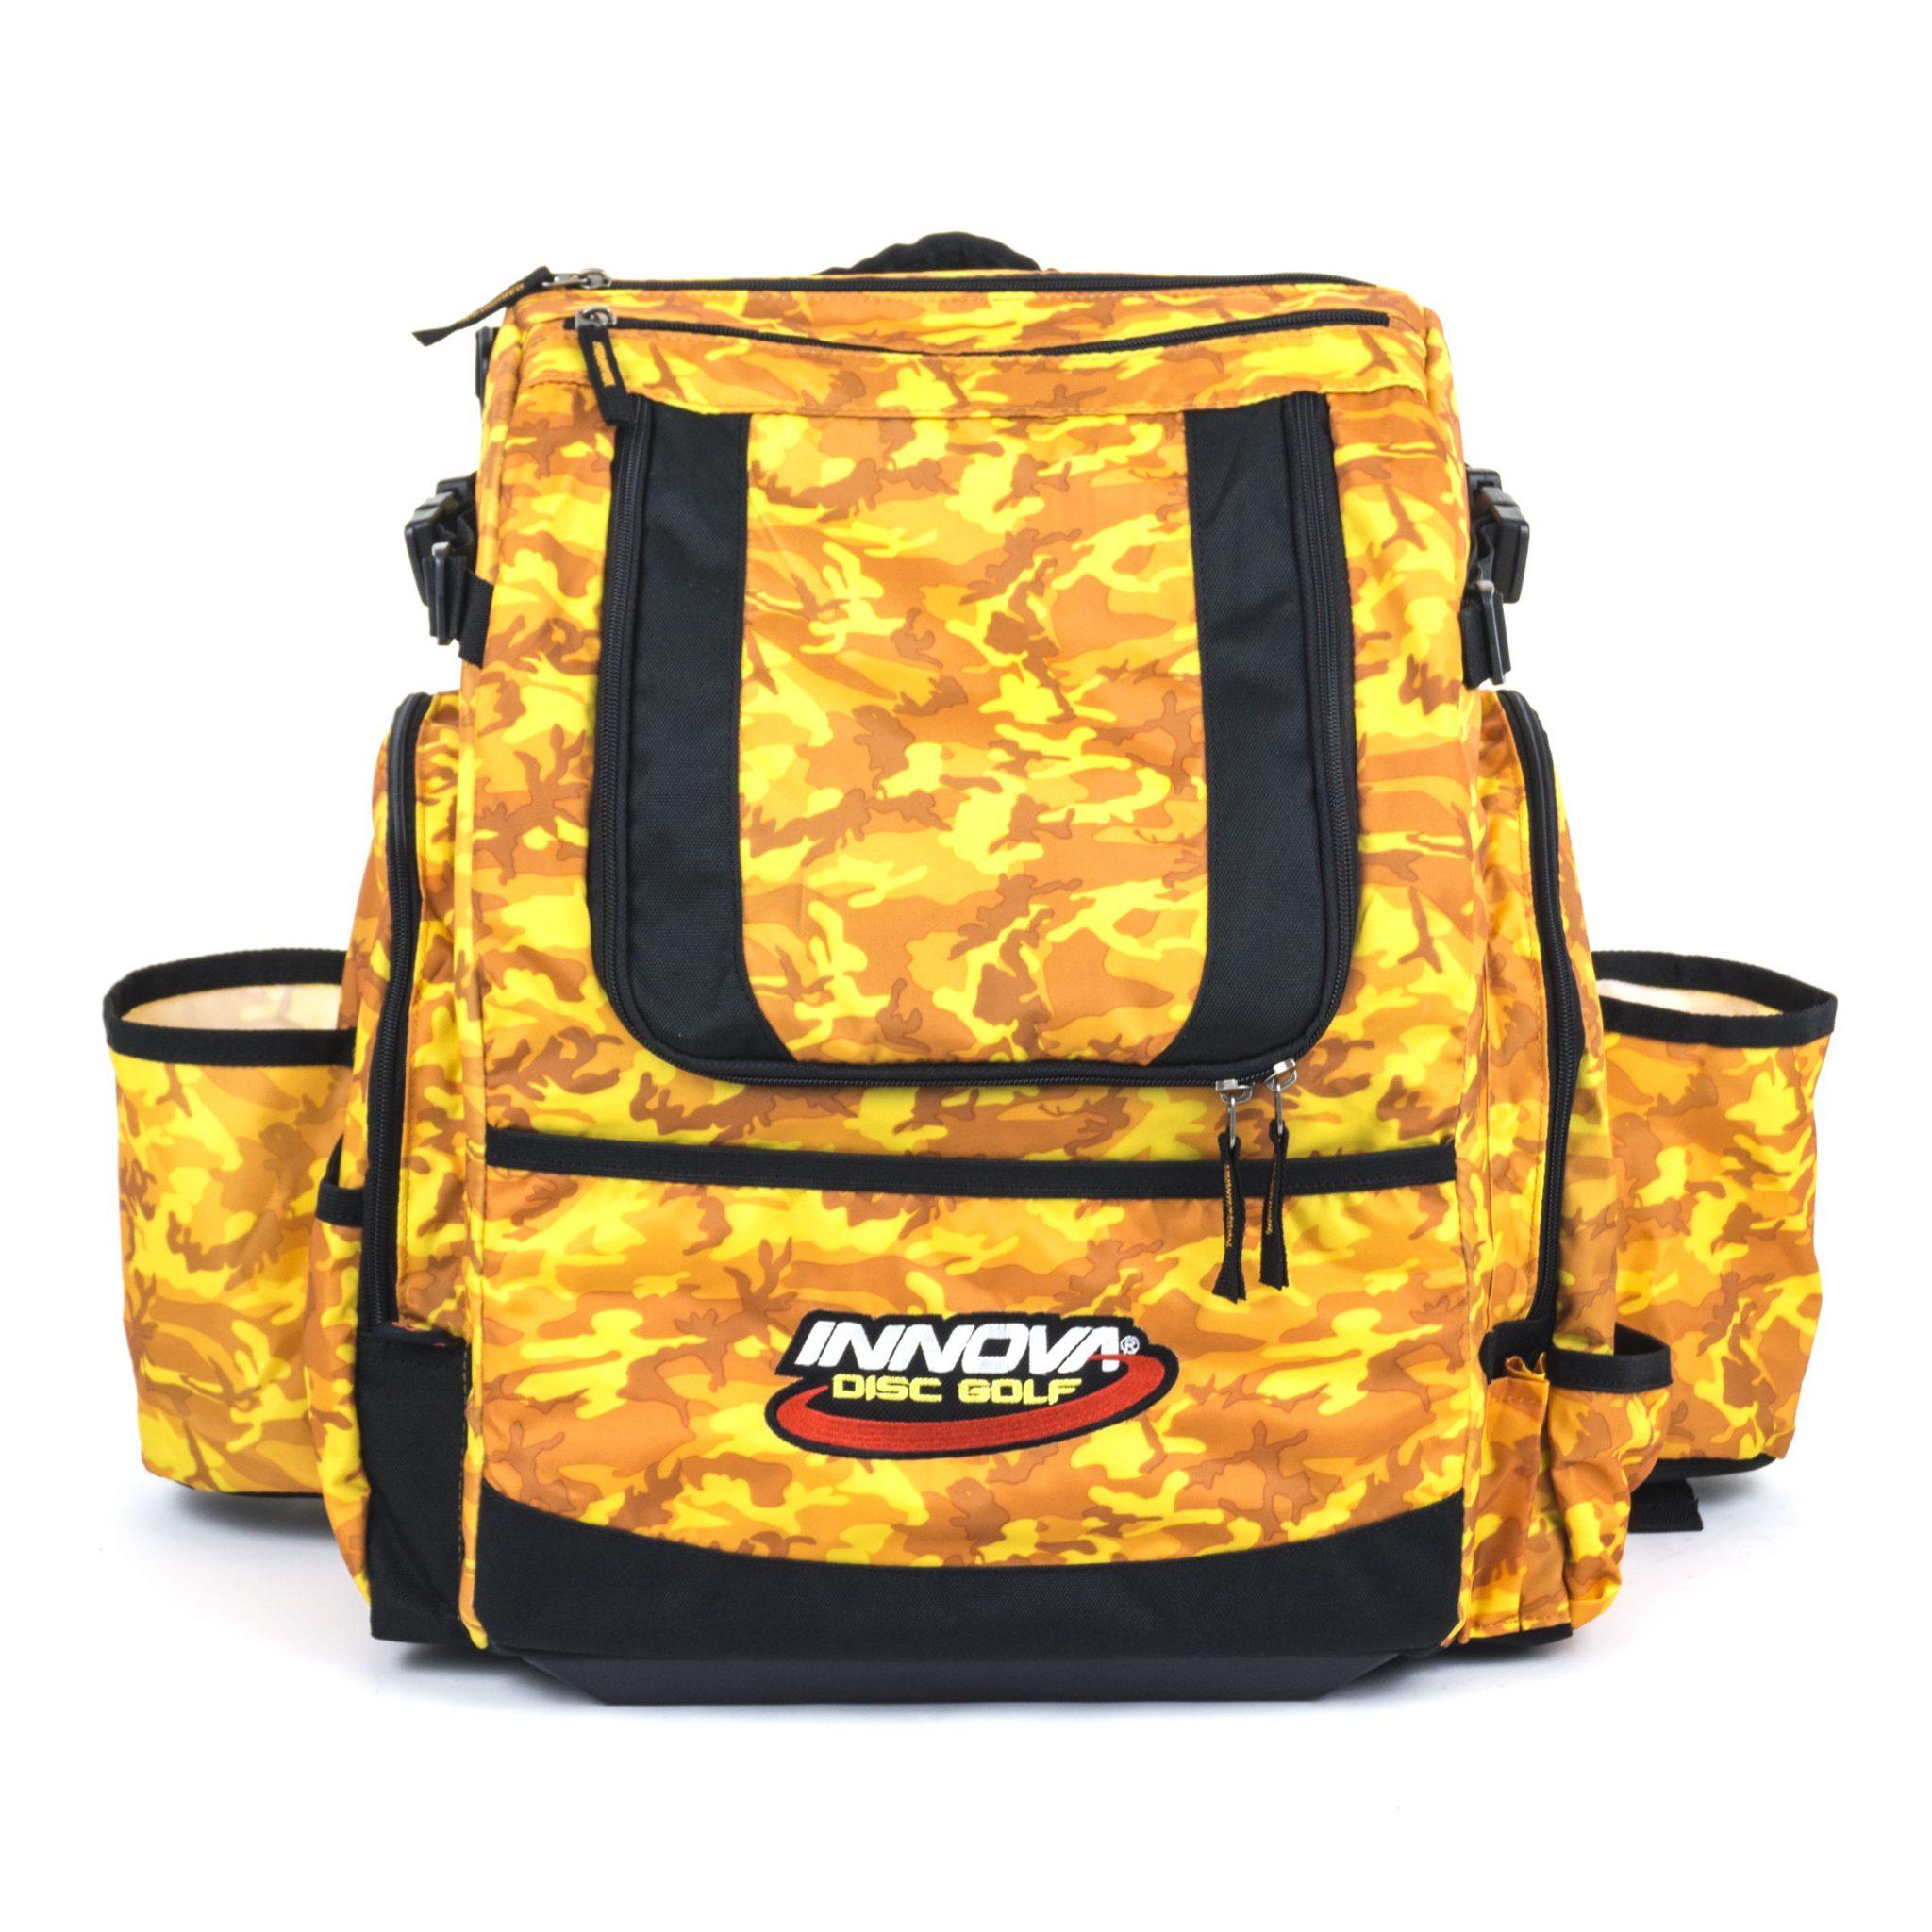 Innova Hero Pack Golf Bag